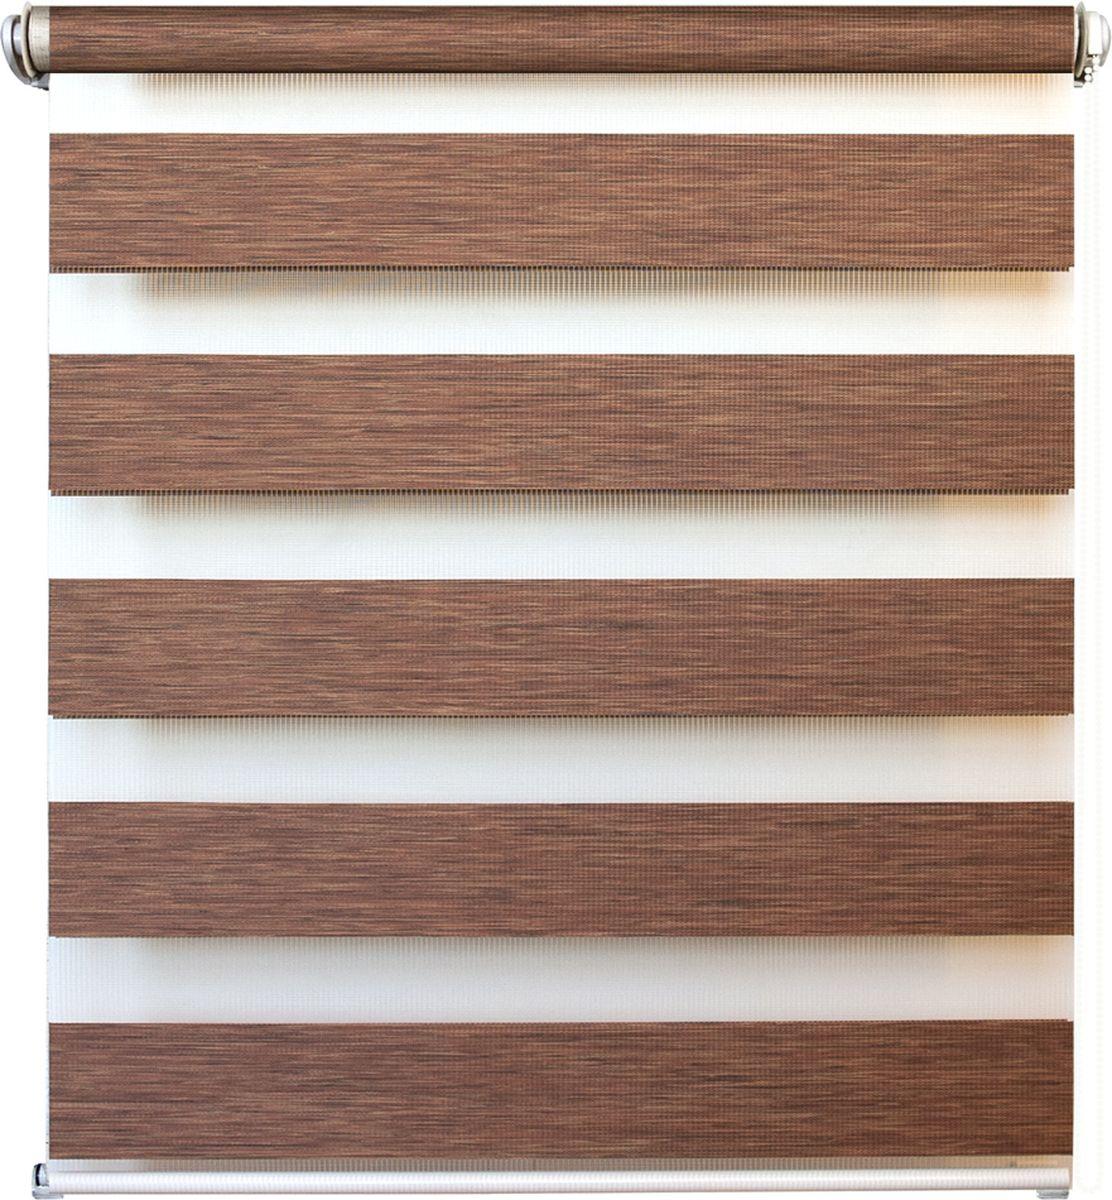 Штора рулонная день/ночь Уют Канзас, цвет: коричневый, 100 х 160 см62.РШТО.8915.140х175Штора рулонная день/ночь Уют Канзас выполнена из прочного полиэстера, в котором чередуются полосы различной плотности и фактуры. Управление двойным слоем ткани с помощью цепочки позволяет регулировать степень светопроницаемости шторы. Если совпали плотные полосы, то прозрачные будут открыты максимально. Это положение шторы называется День. Максимальное затемнение помещения достигается при полном совпадении полос разных фактур. Это положение шторы называется Ночь. Конструкция шторы также позволяет полностью свернуть полотно, обеспечив максимальное открытие окна. Рулонная штора - это разновидность штор, которая закрывает не весь оконный проем, а непосредственно само стекло. Такая штора очень компактна, что помогает сэкономить пространство. Универсальная конструкция позволяет монтировать штору на стену, потолок, деревянные или пластиковые рамы окон. В комплект входят кронштейны и нижний утяжелитель. Возможна установка с управлением цепочкой как справа, так и слева. Такая штора станет прекрасным элементом декора окна и гармонично впишется в интерьер любого помещения. Классический дизайн подойдет для гостиной, спальни, кухни, кабинета или офиса.